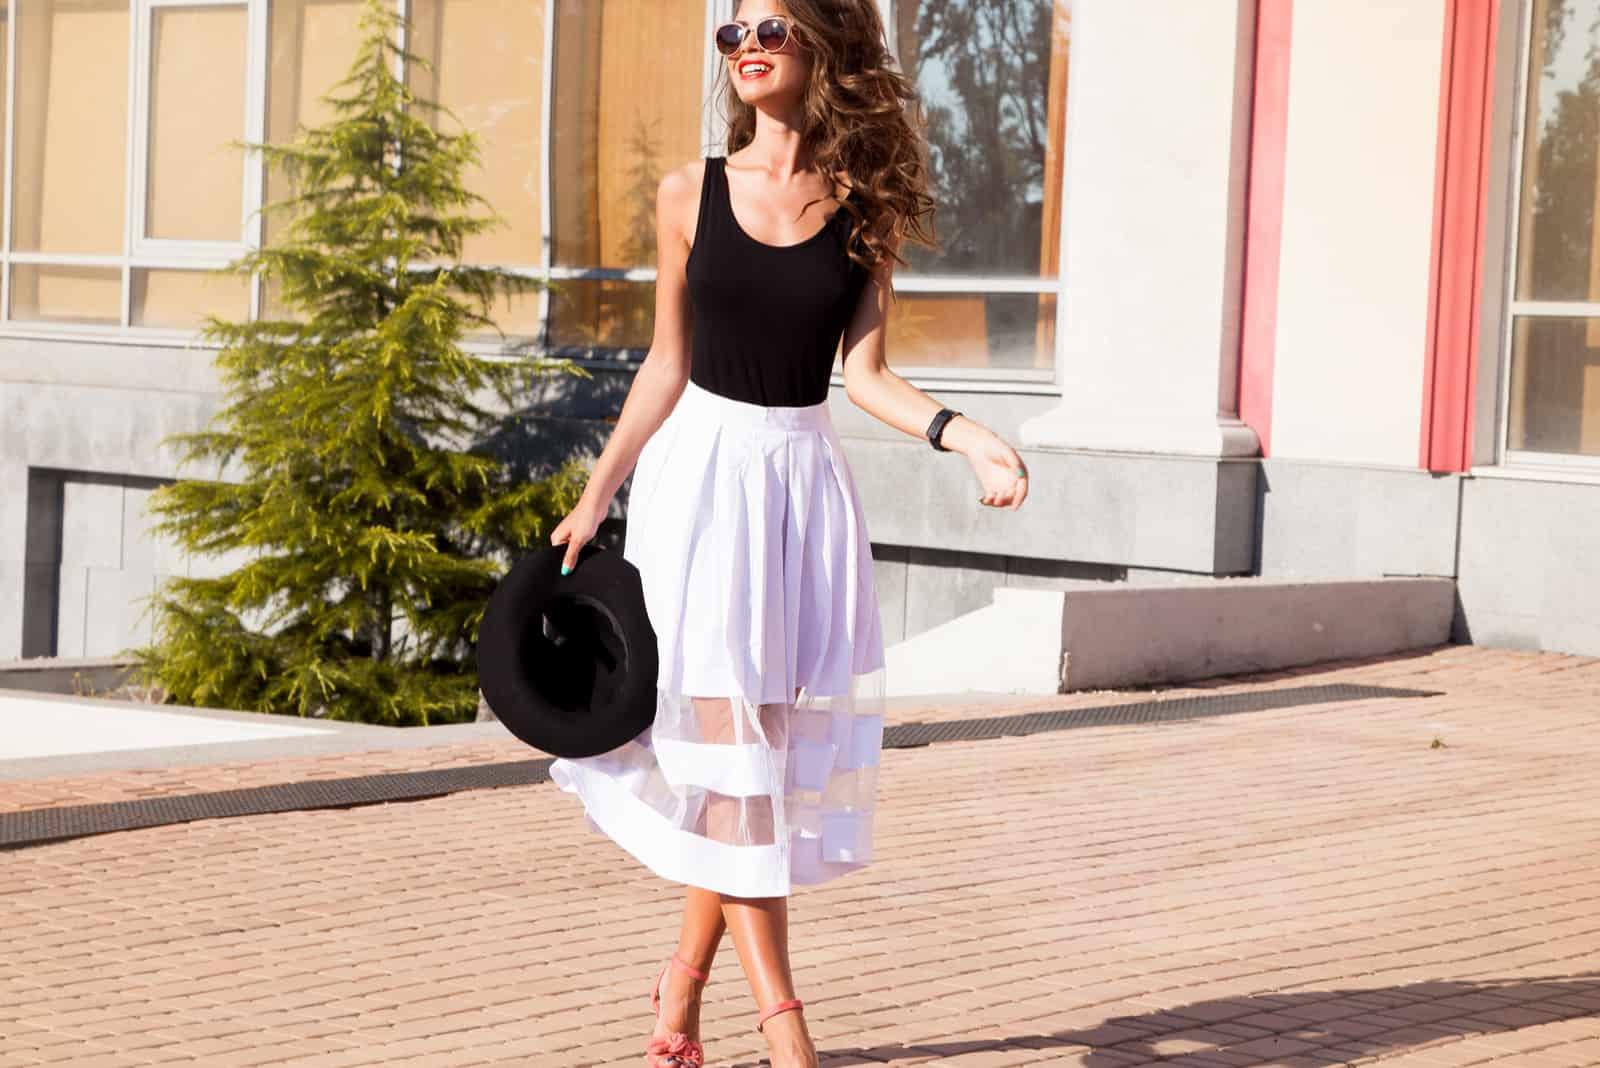 une femme aux longs cheveux bruns marche dans la rue